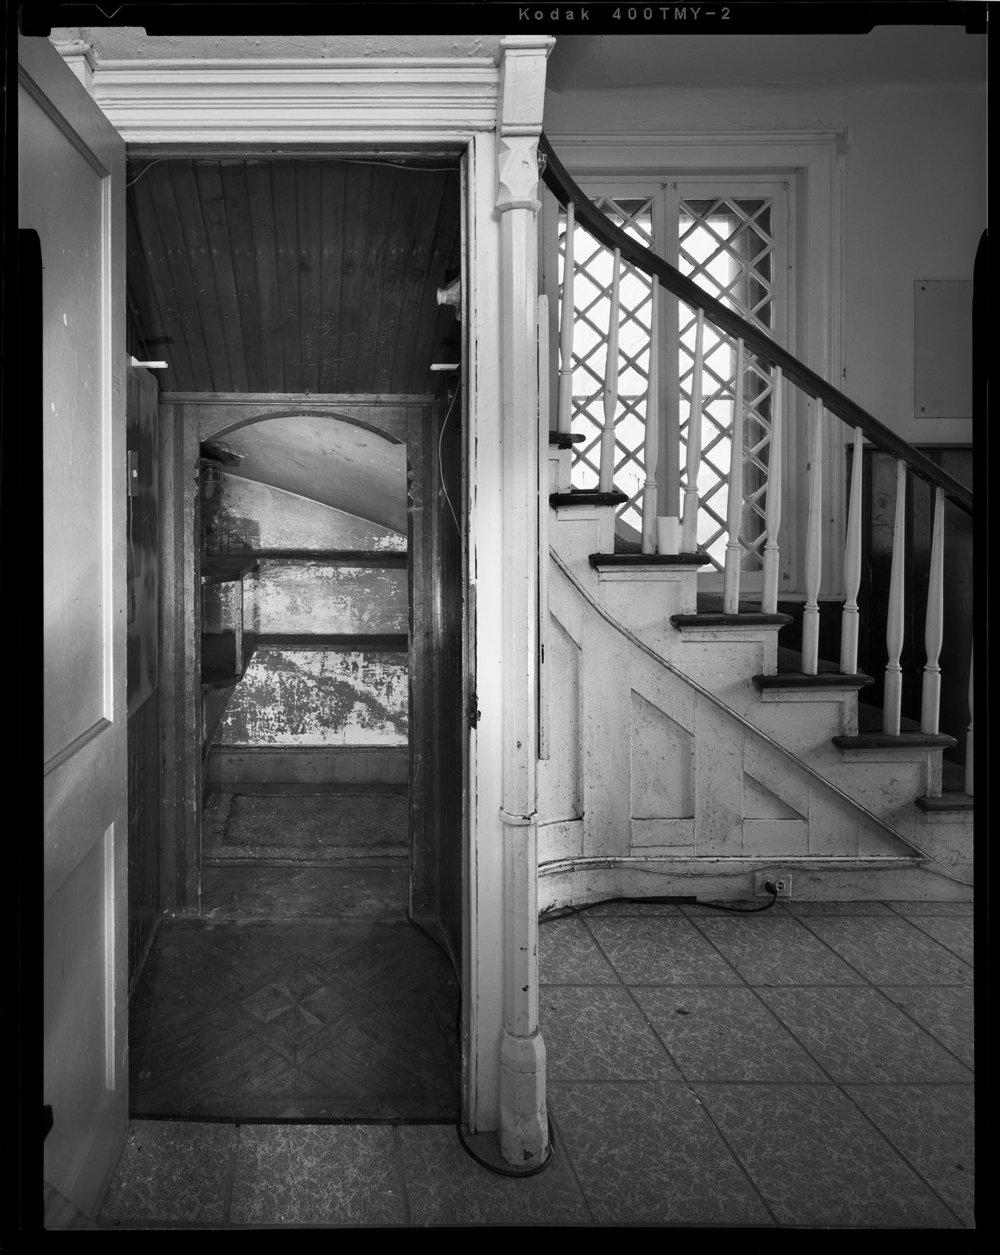 Closet_Interior_with_Stairway.jpg